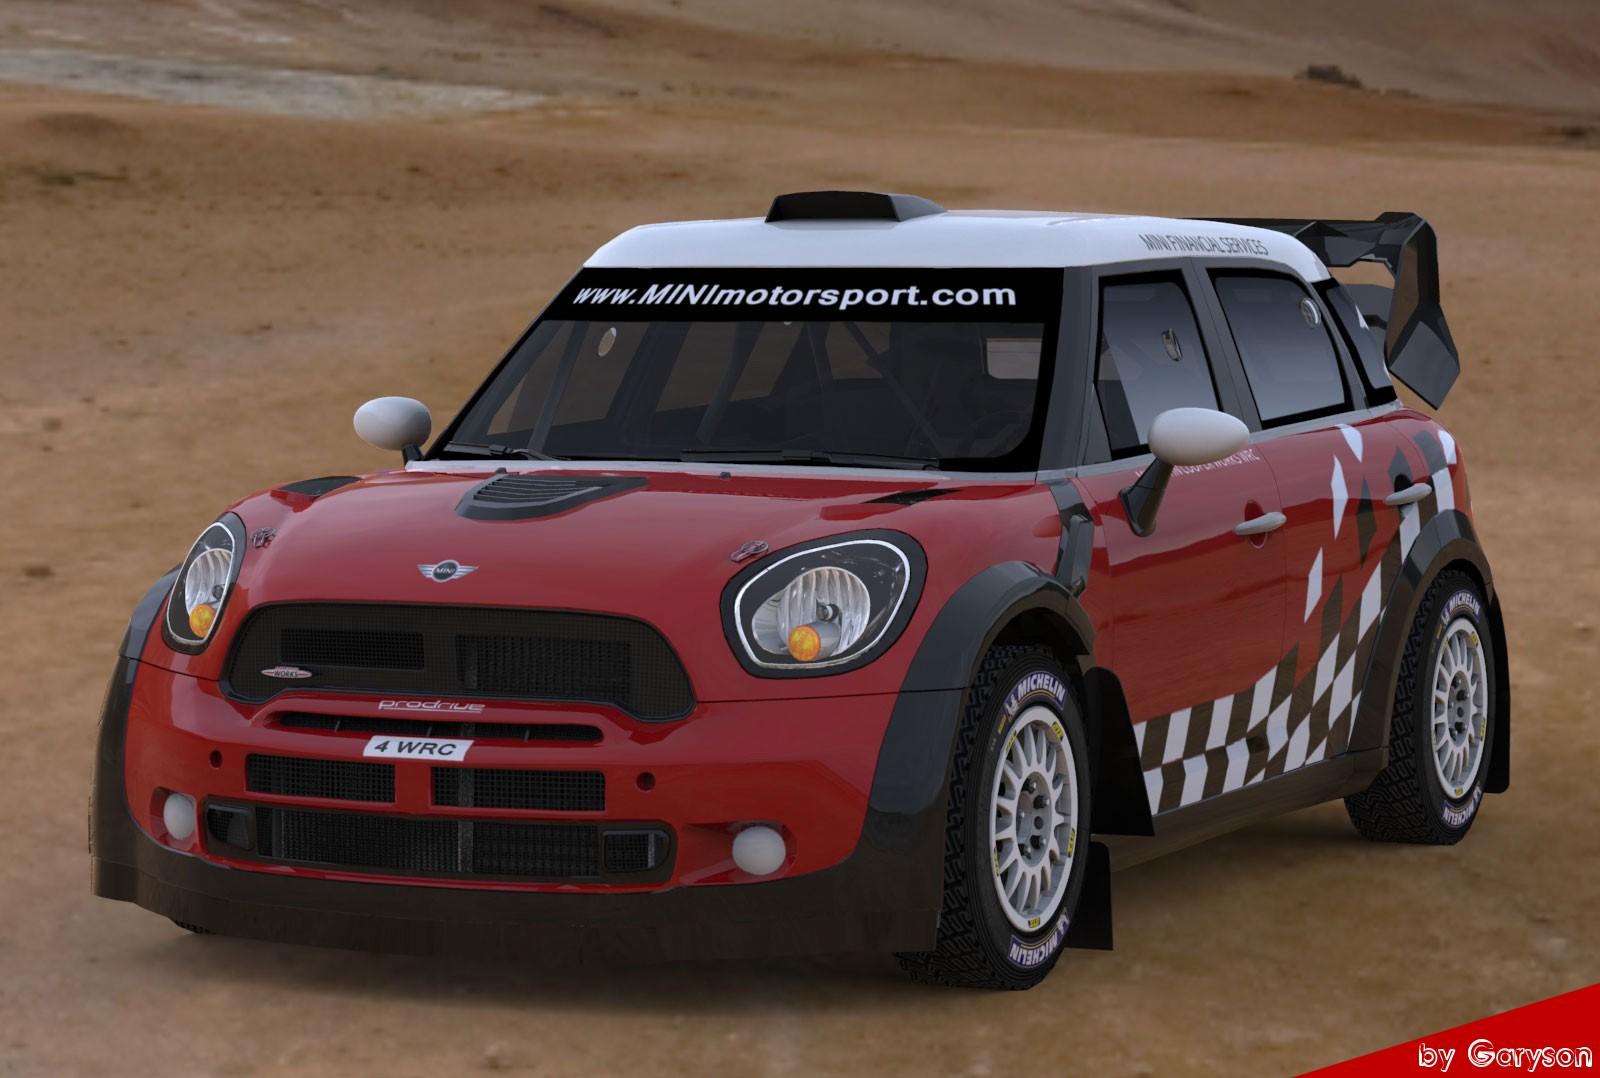 Mini John Cooper Works Countryman S2000 y WRC  by Garyson Rbrplusmini2